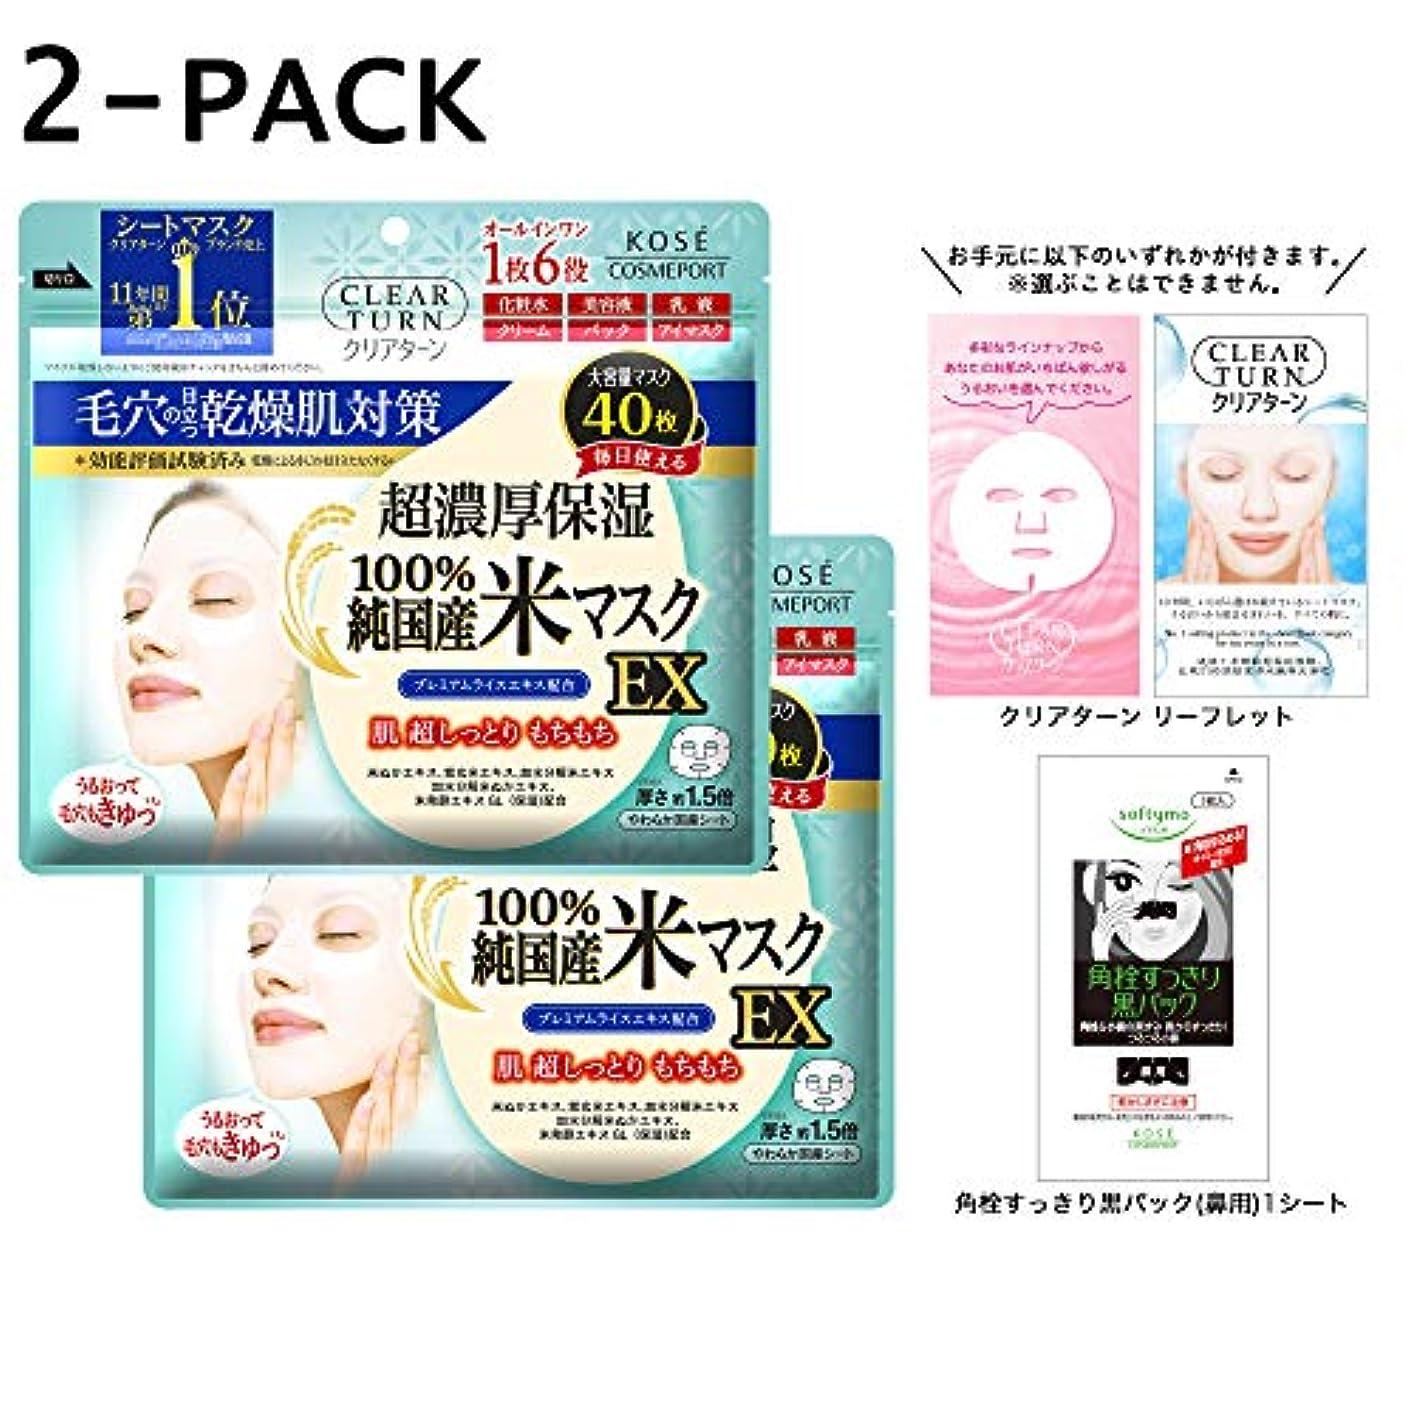 高い取得する形【Amazon.co.jp限定】KOSE クリアターン 純国産米マスク EX 40枚入 2P+リーフレット付き